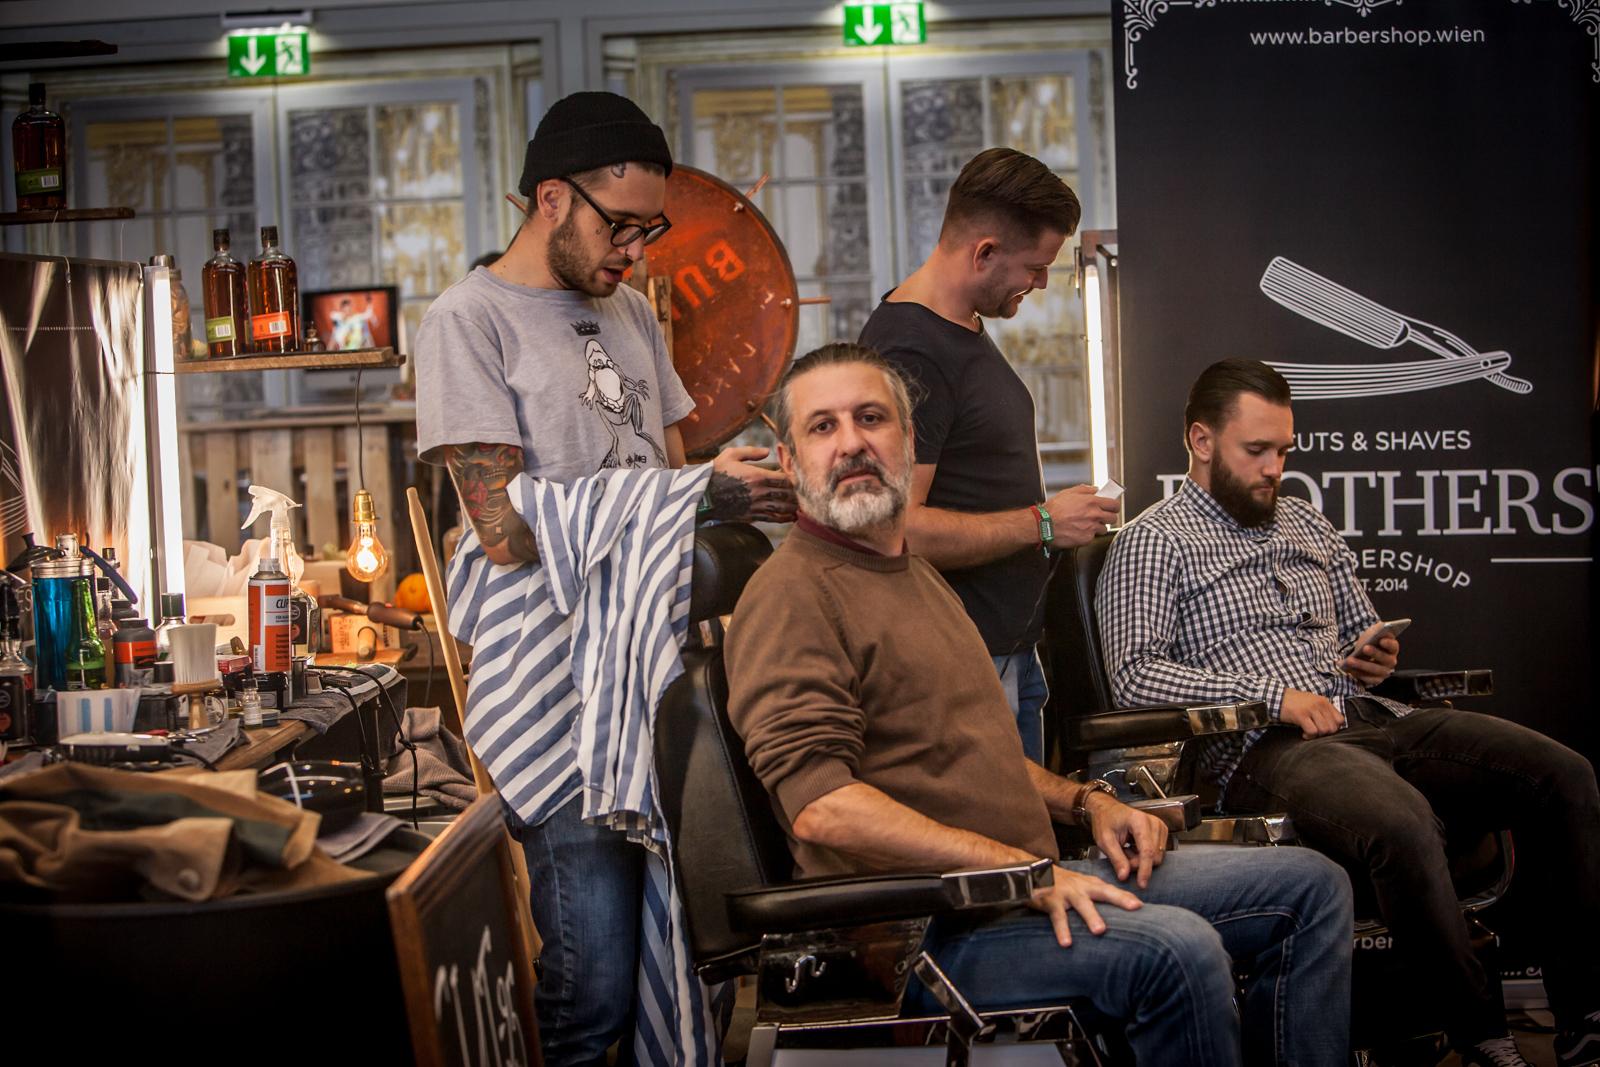 Wo Cycling Chic und Fahrradkultur, da neuerdings auch Bärte. Insofern durfte bei der WFS natürlich auch ein Barbier nicht fehlen ...